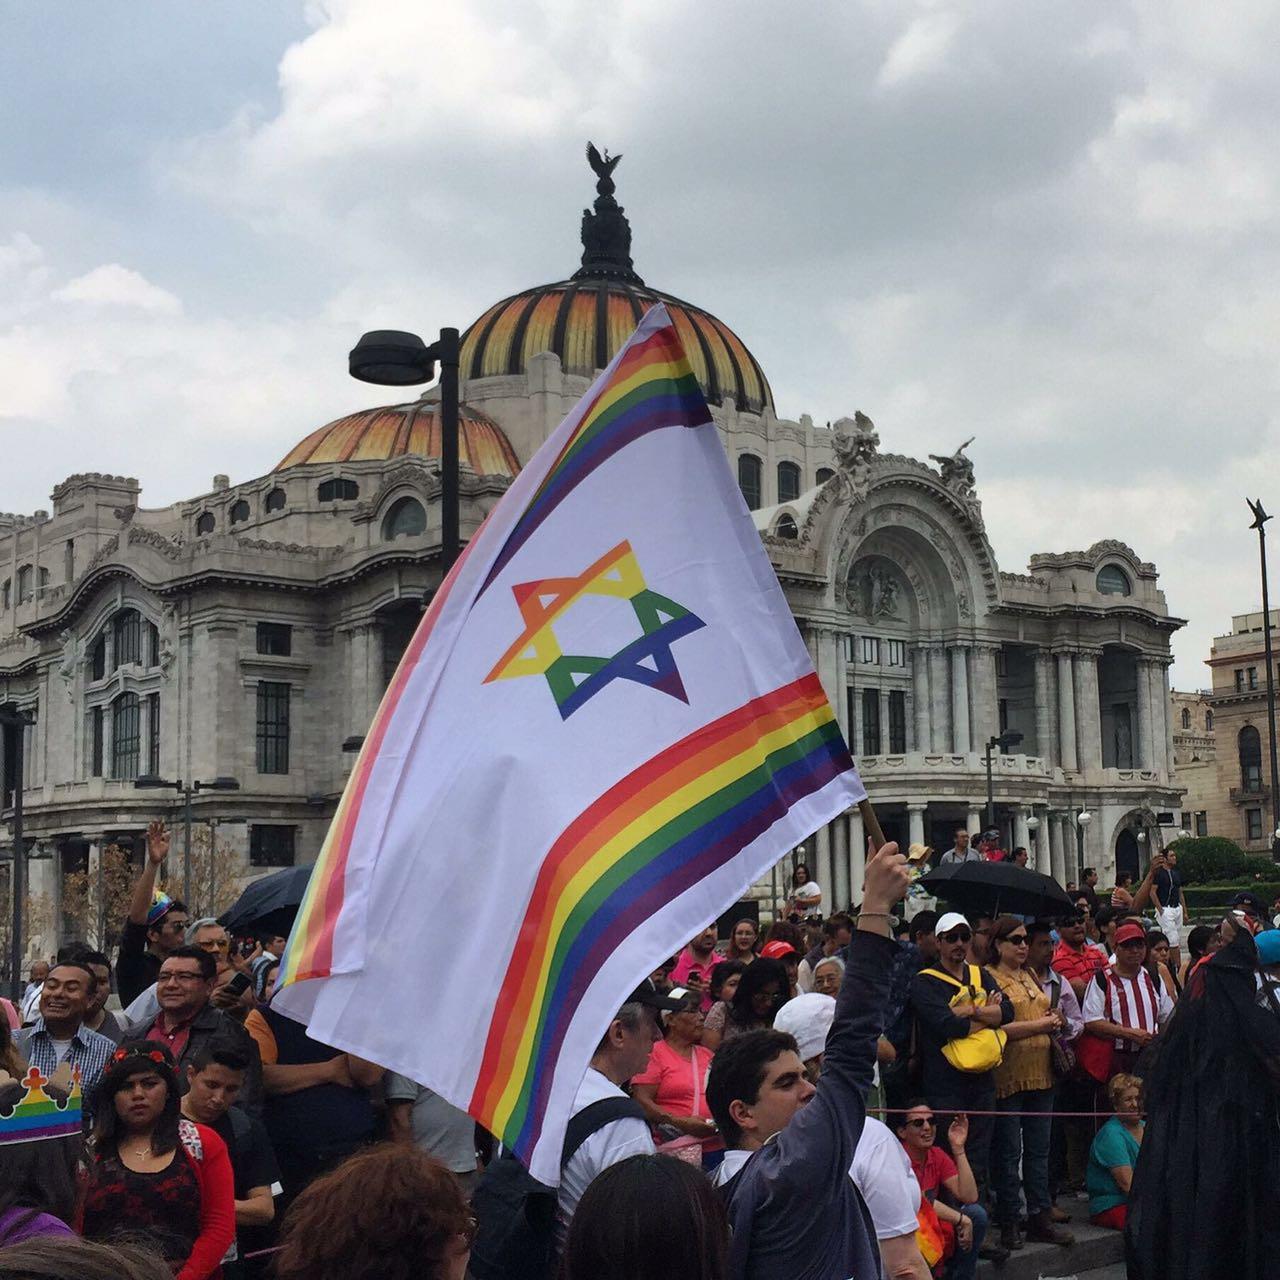 Guimel Participa en La marcha del Orgullo LGBTI que recorrio la CdMx